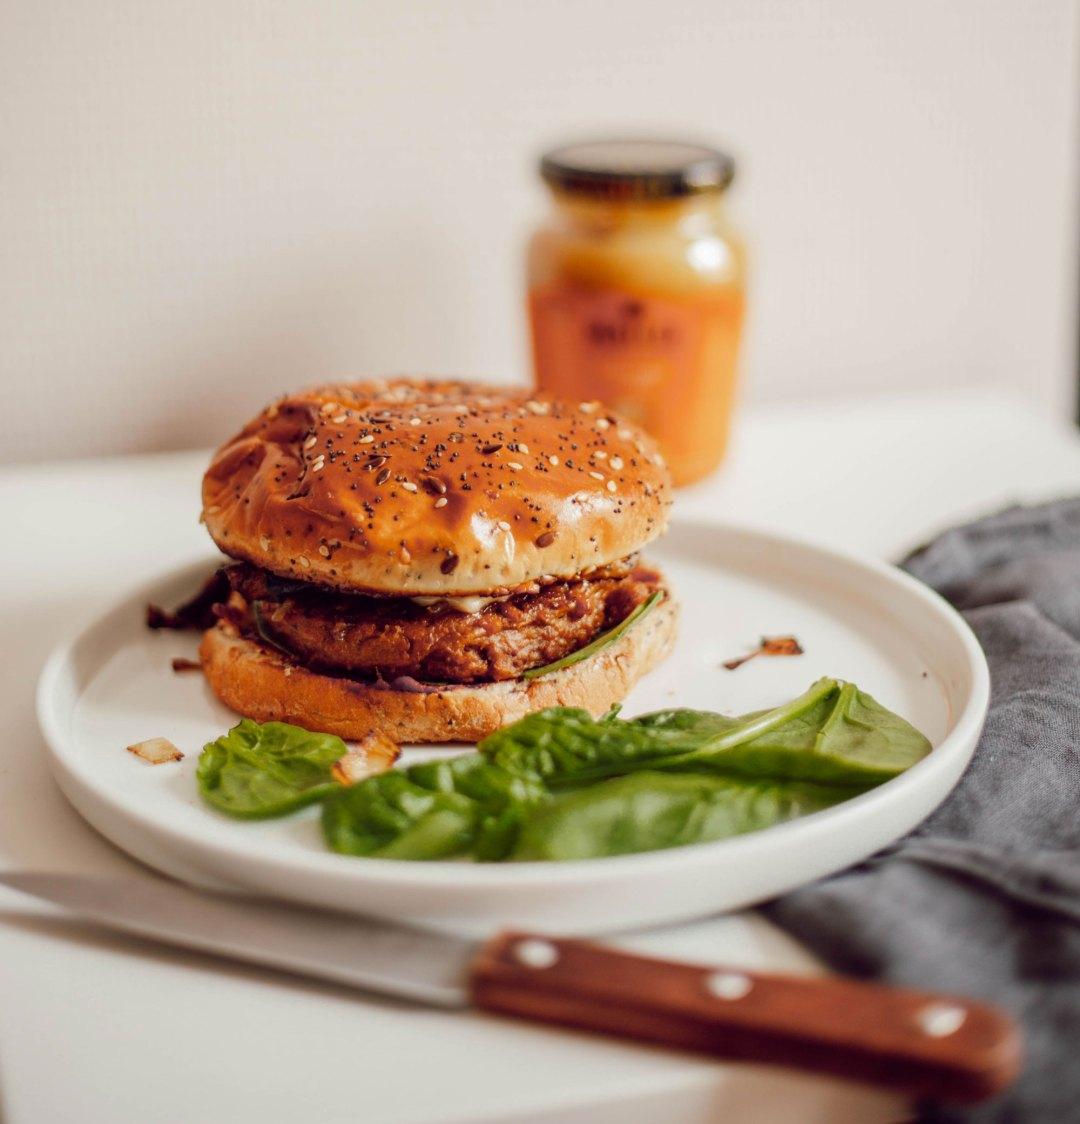 Recette burger Tossolia - Les Deux Chouettes